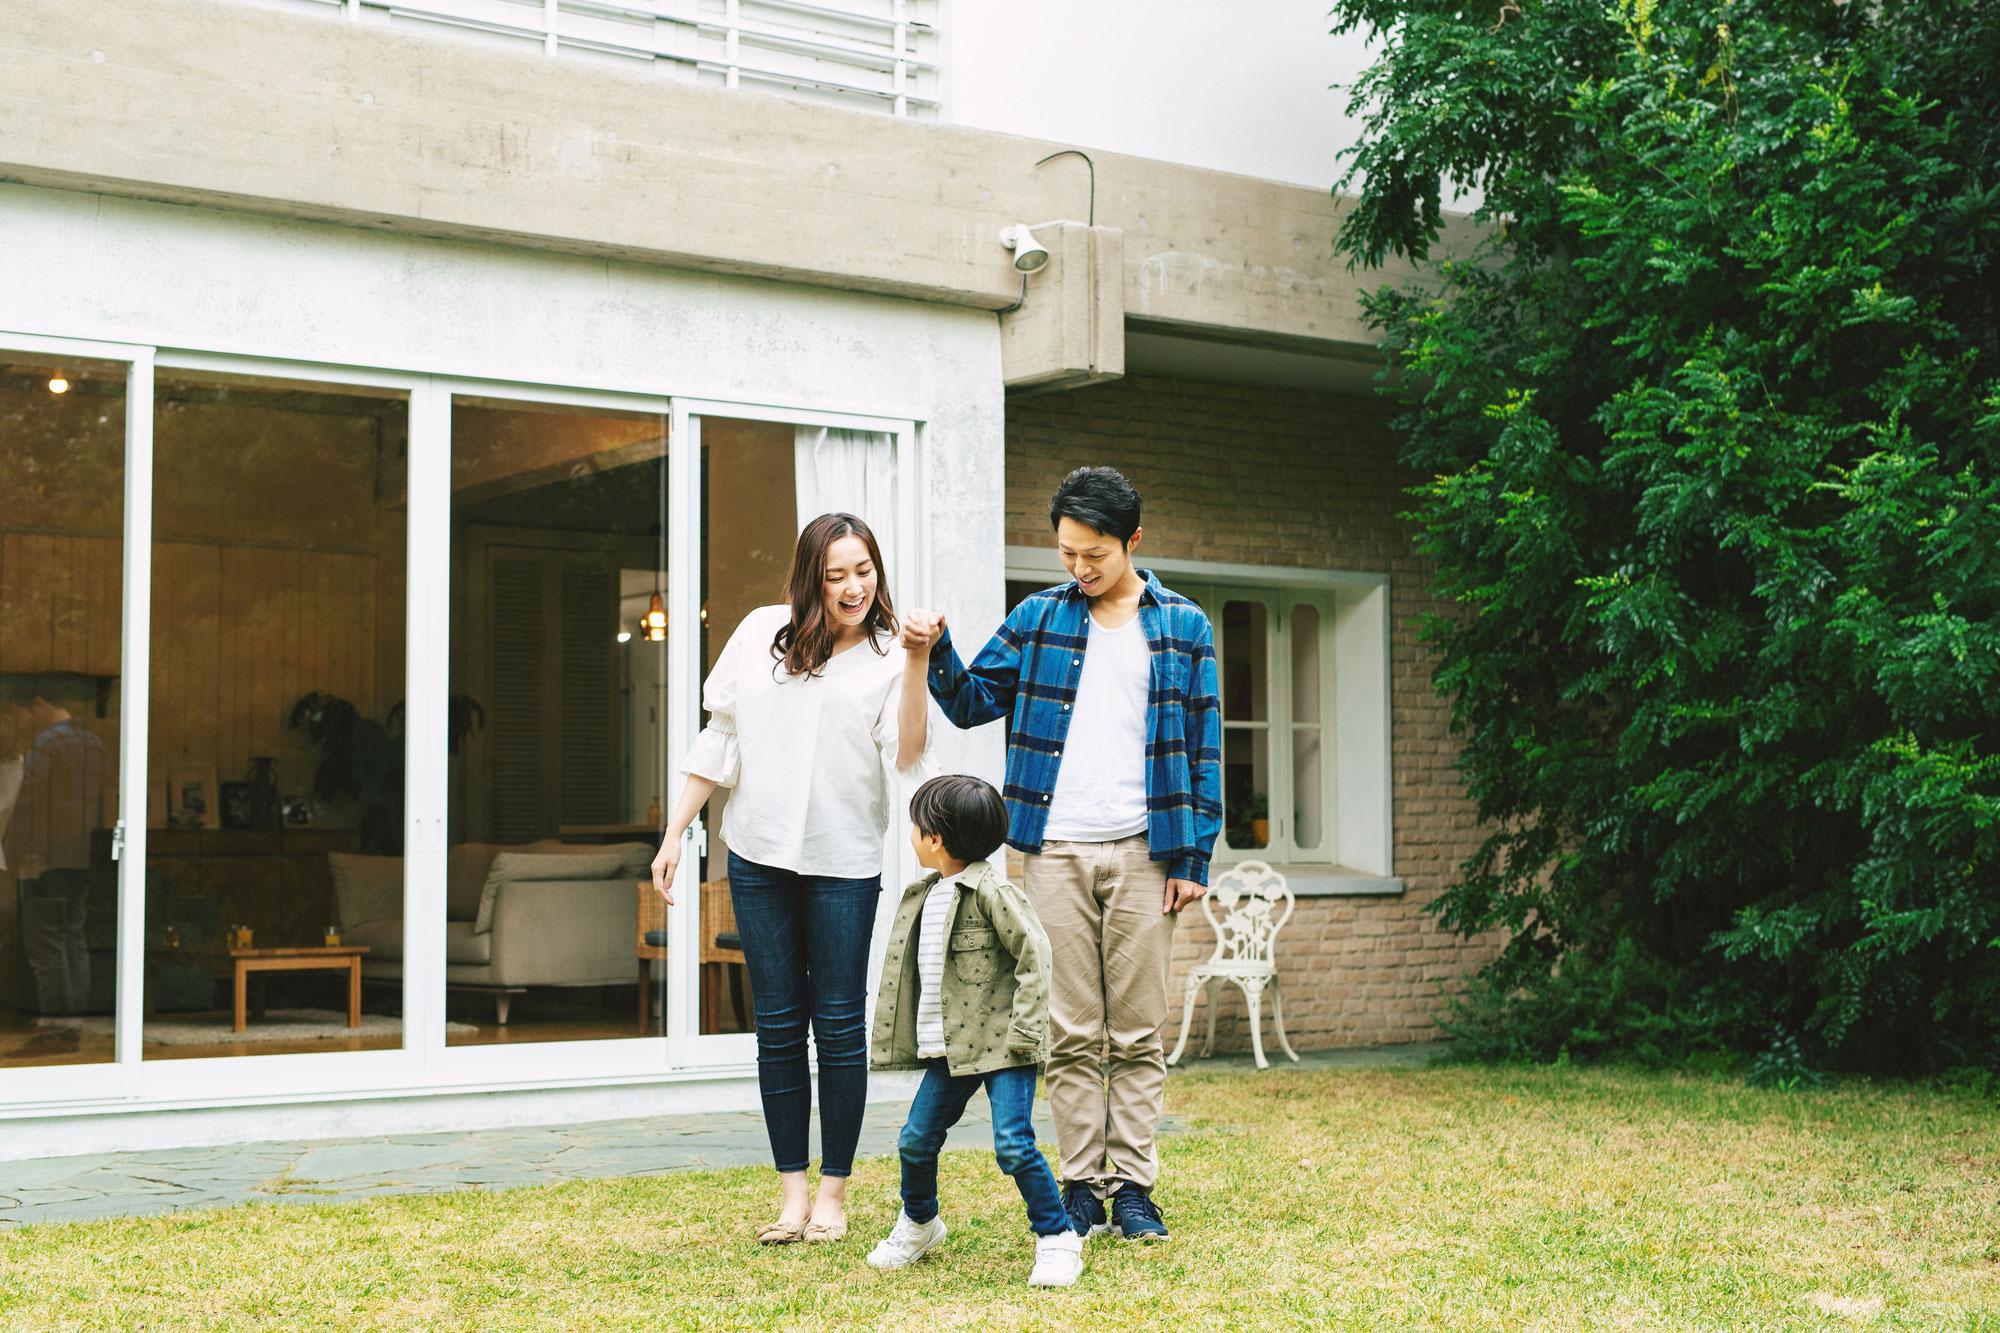 庭付き住宅は実際住みやすいの?メリットとデメリットを知ろう!